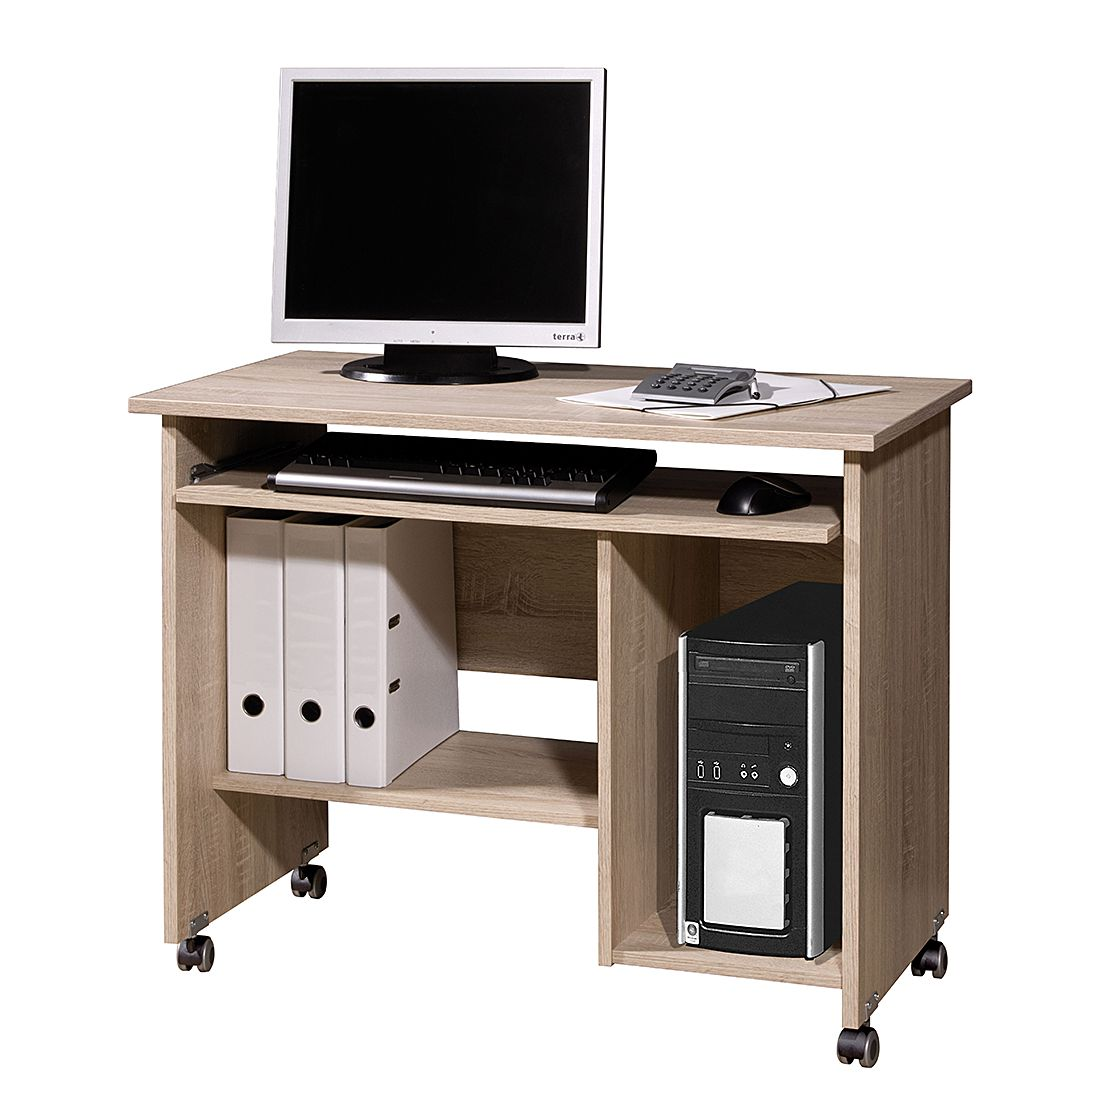 Home 24 - Bureau pour ordinateur lasse - imitation chêne de sonoma, home24 office